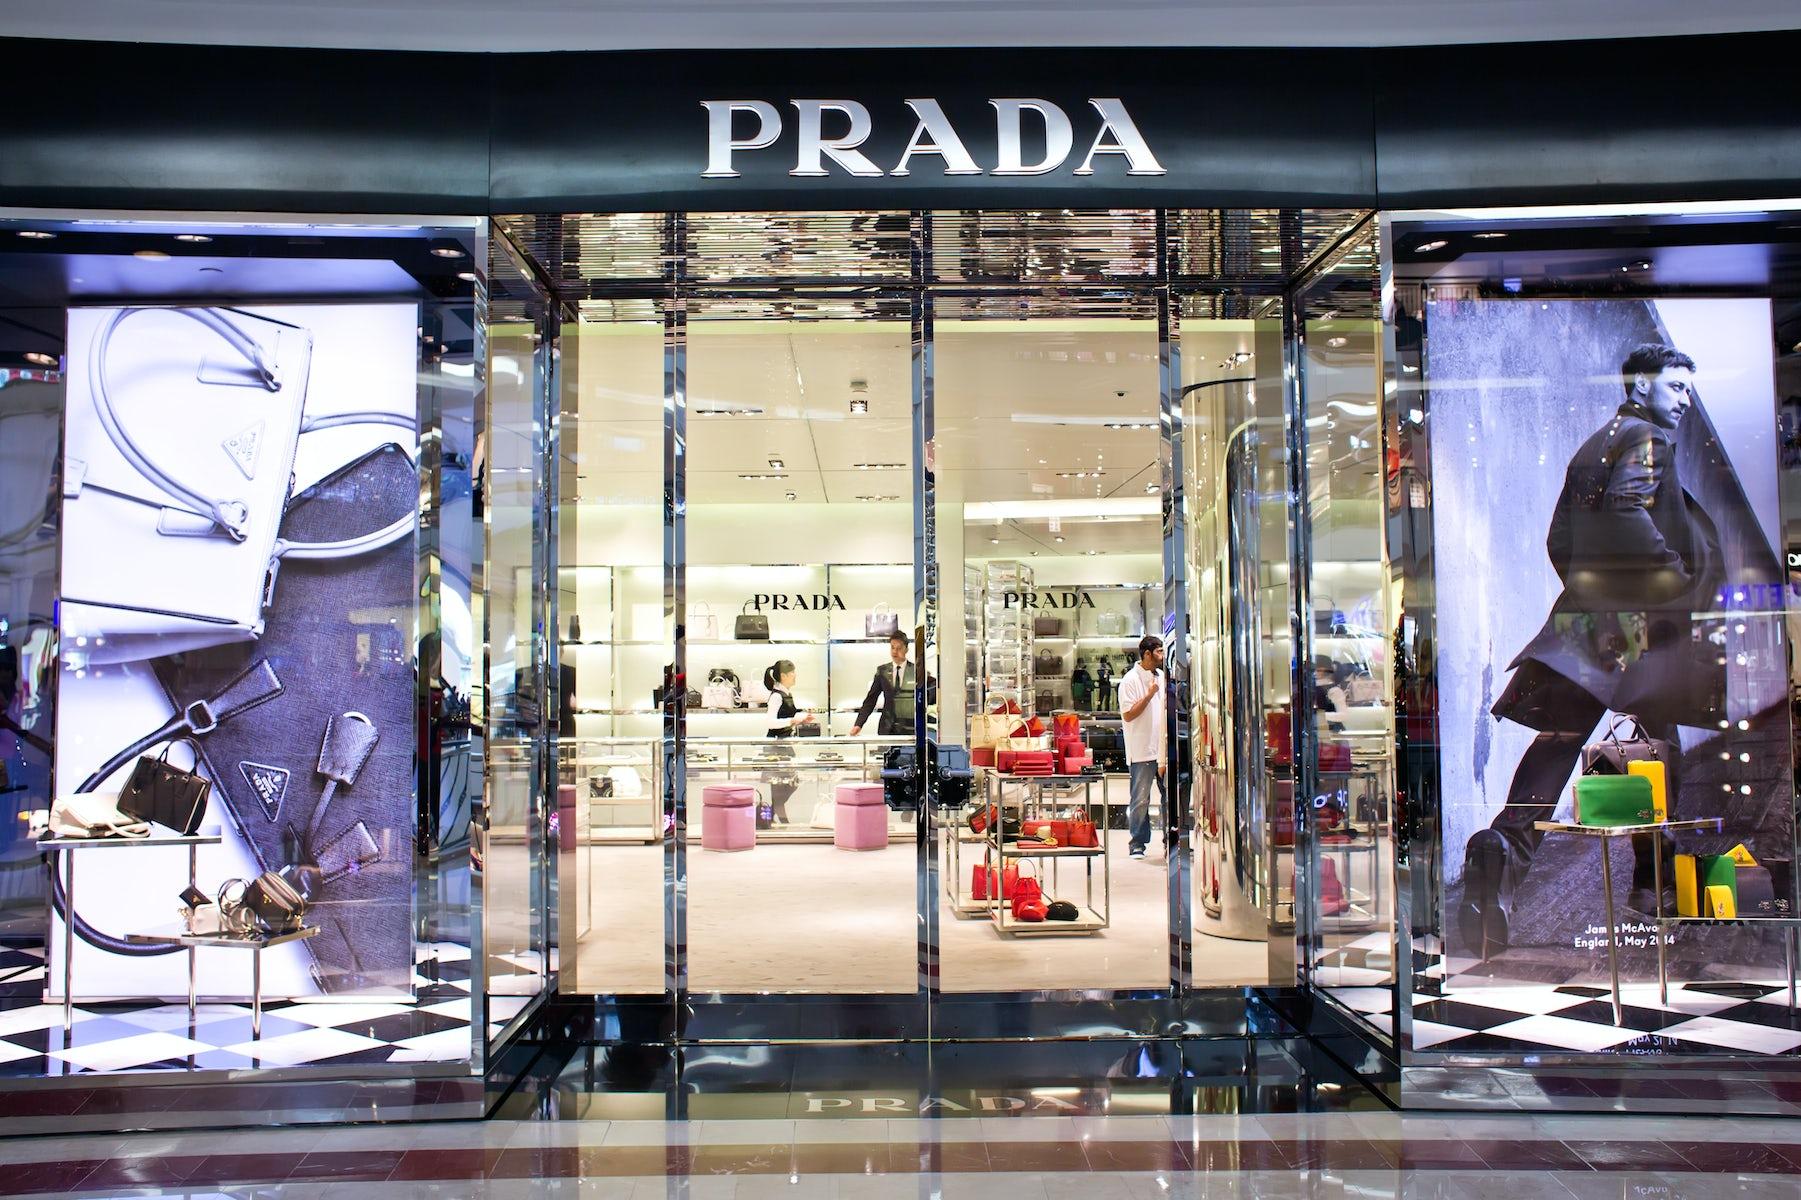 Prada store   Source: Shutterstock